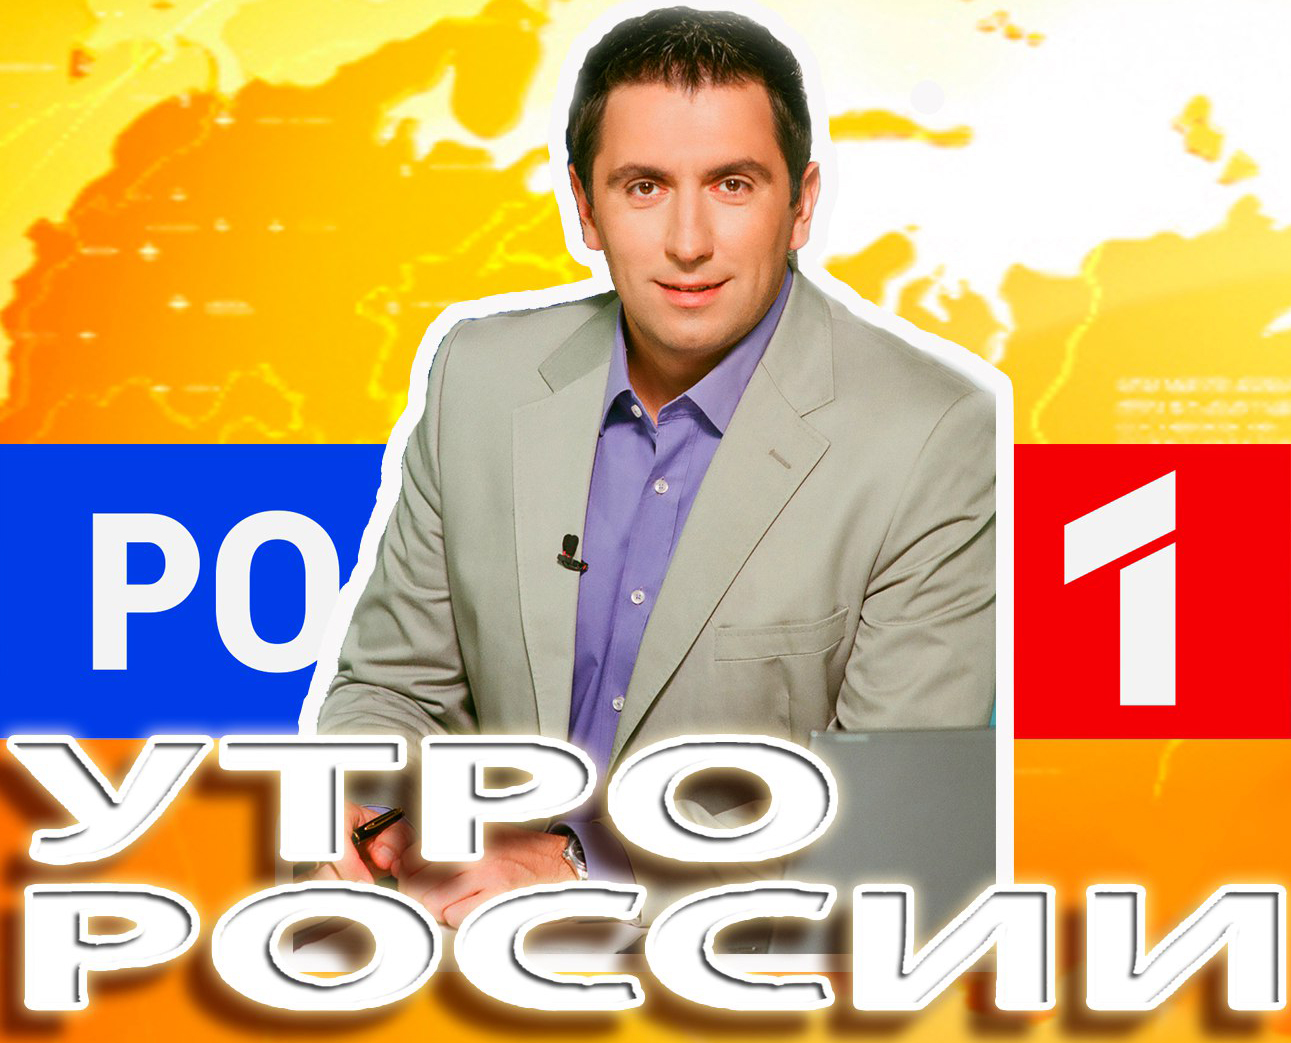 денис стойков утро россии